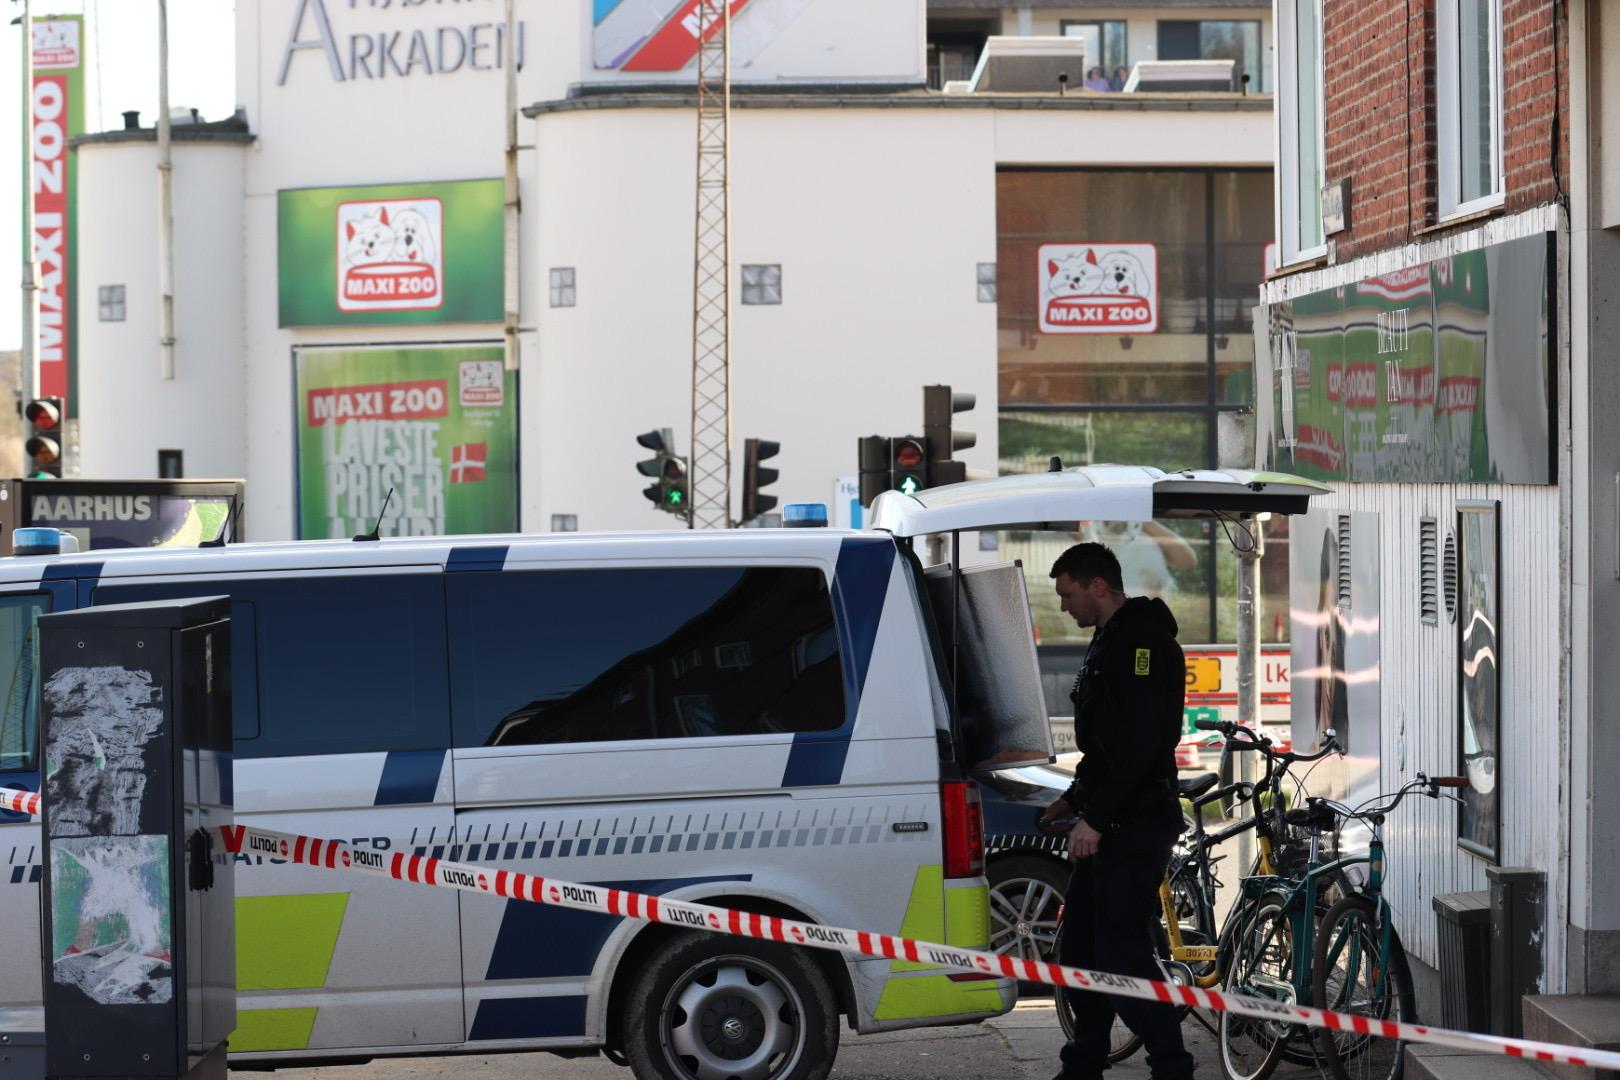 Efter meldinger om skud: Stort kryds i Aarhus spærret af